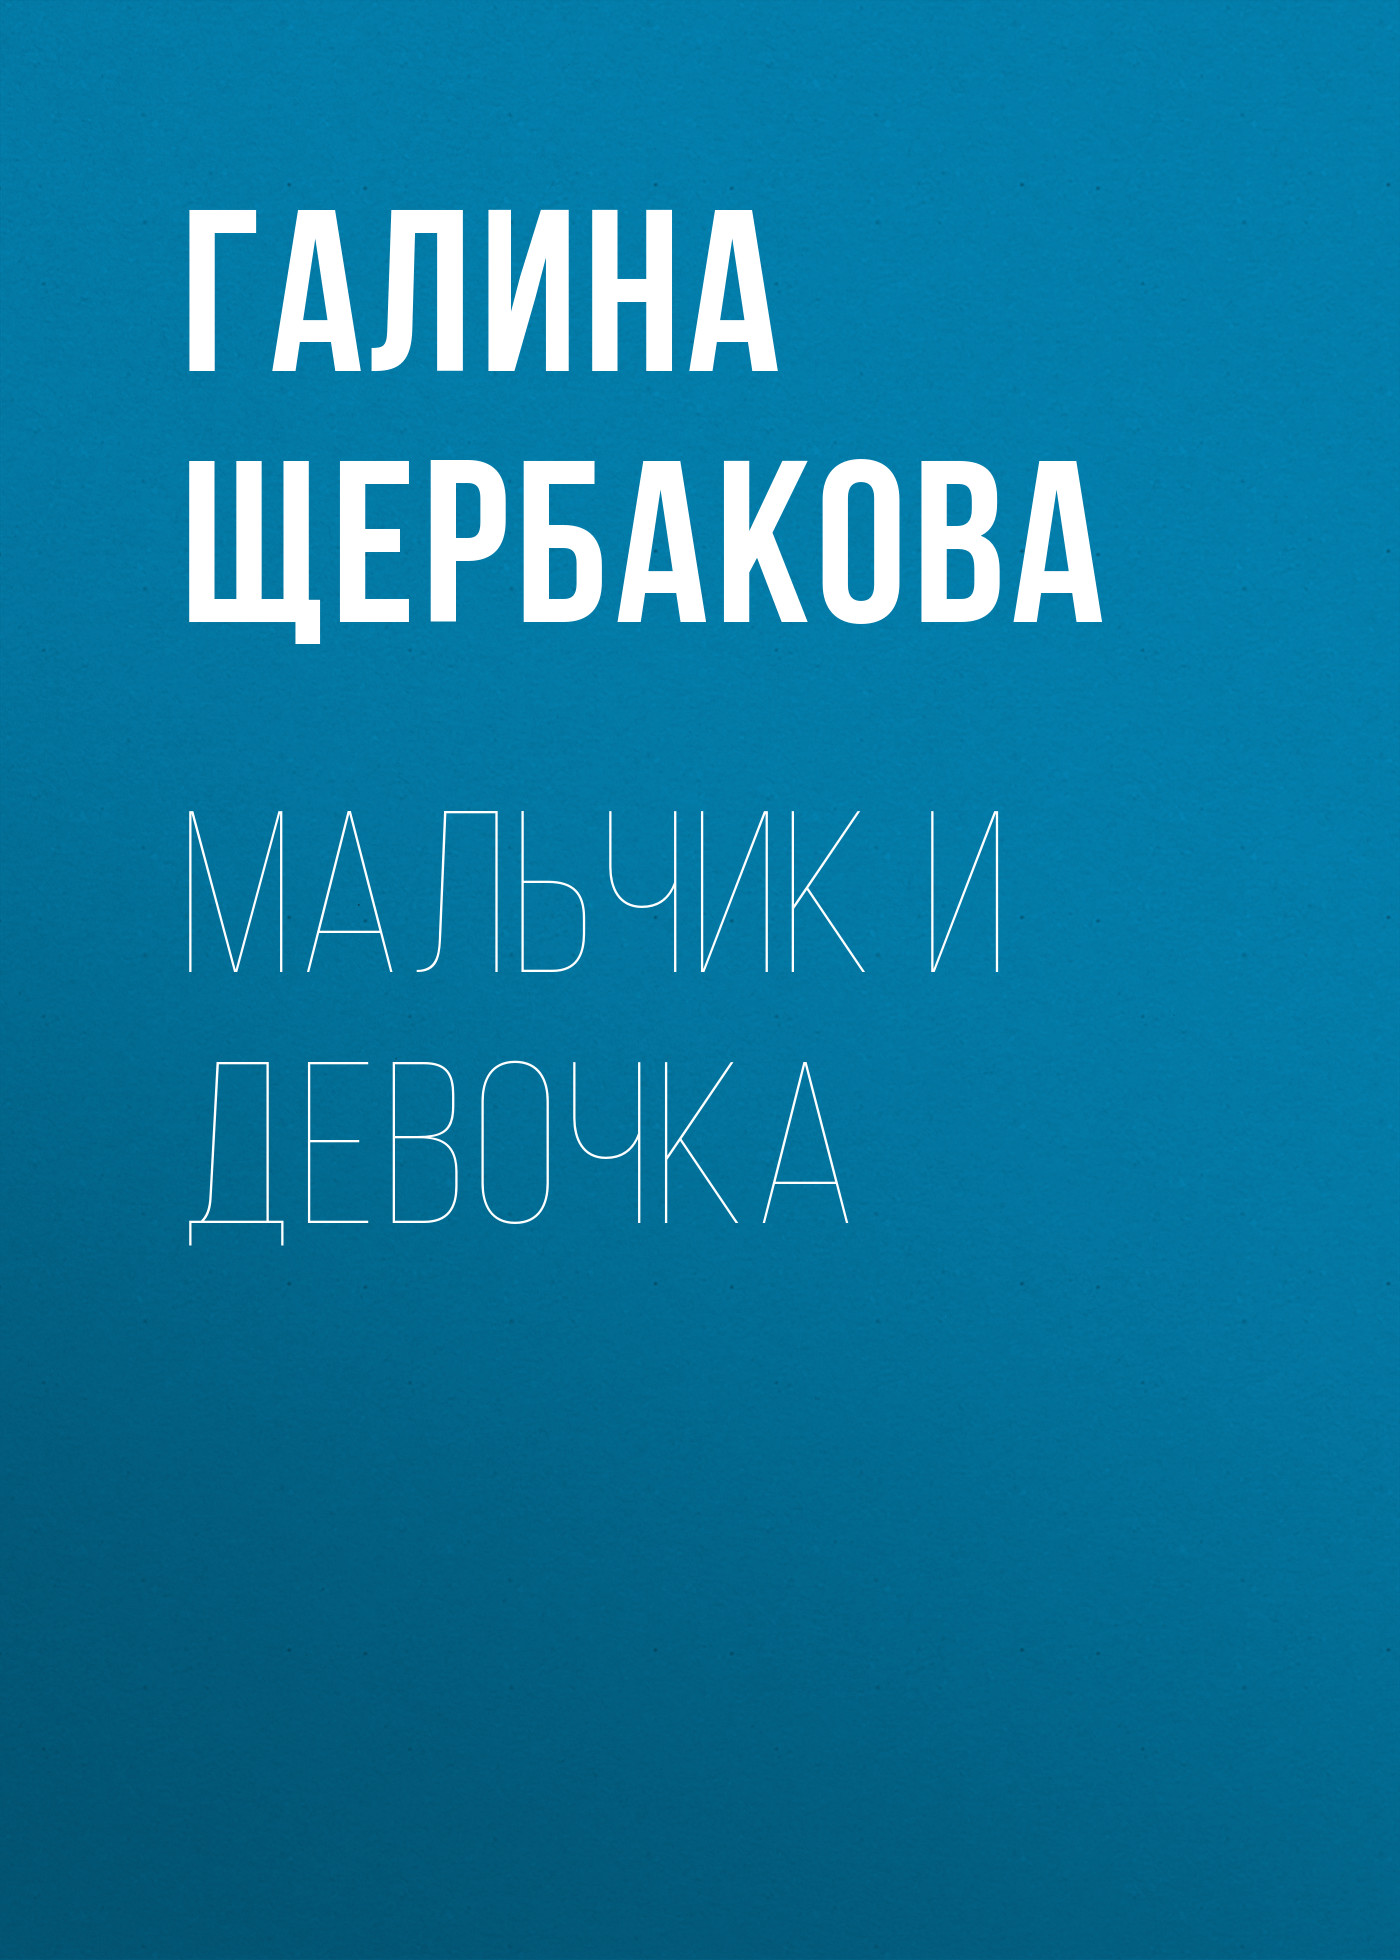 Галина Щербакова Мальчик и девочка галина щербакова спать хочется